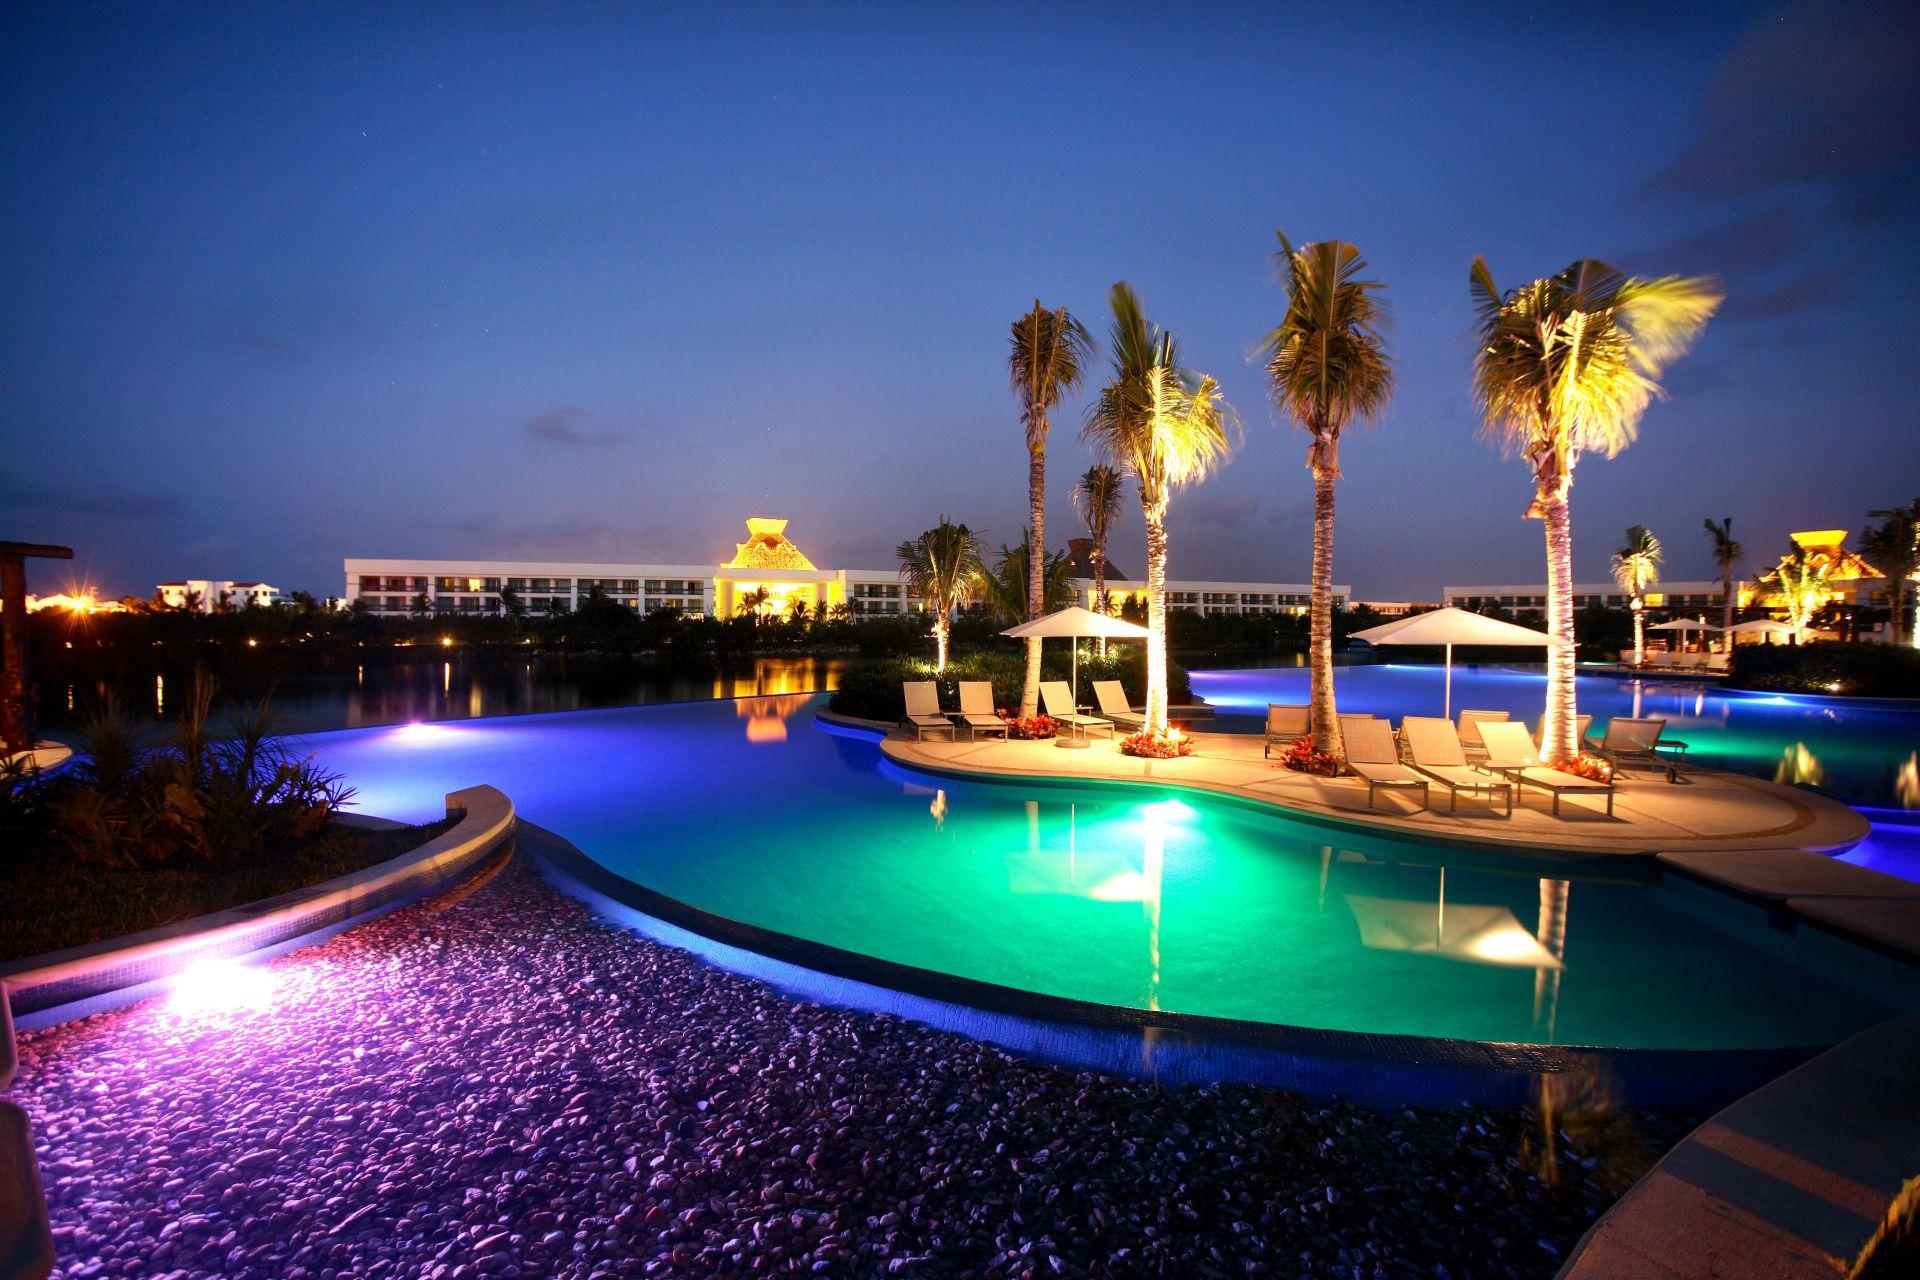 Vidanta Mayan Palace 1 BR 1 BA Suite With Kitchen Sleeps 6 ... |Mayan Palace Riviera Maya Cancun Rooms